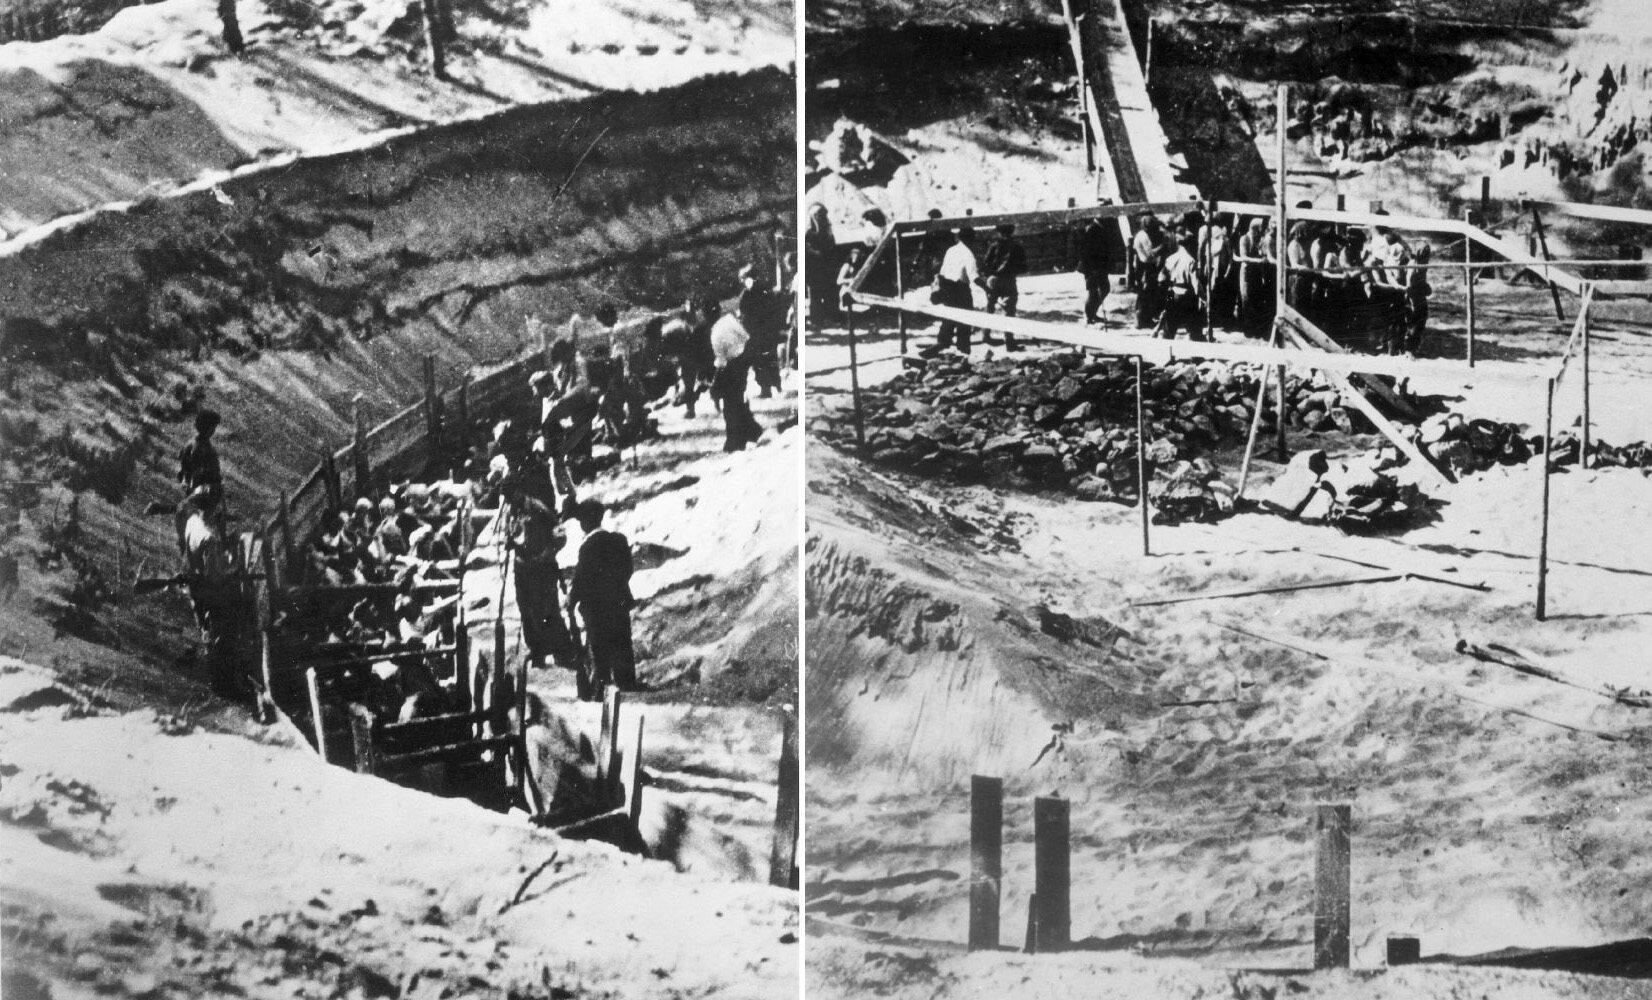 Dwie fotografie przedstawiające ludobójstwo w Ponarach, wykonane w 1941 r.